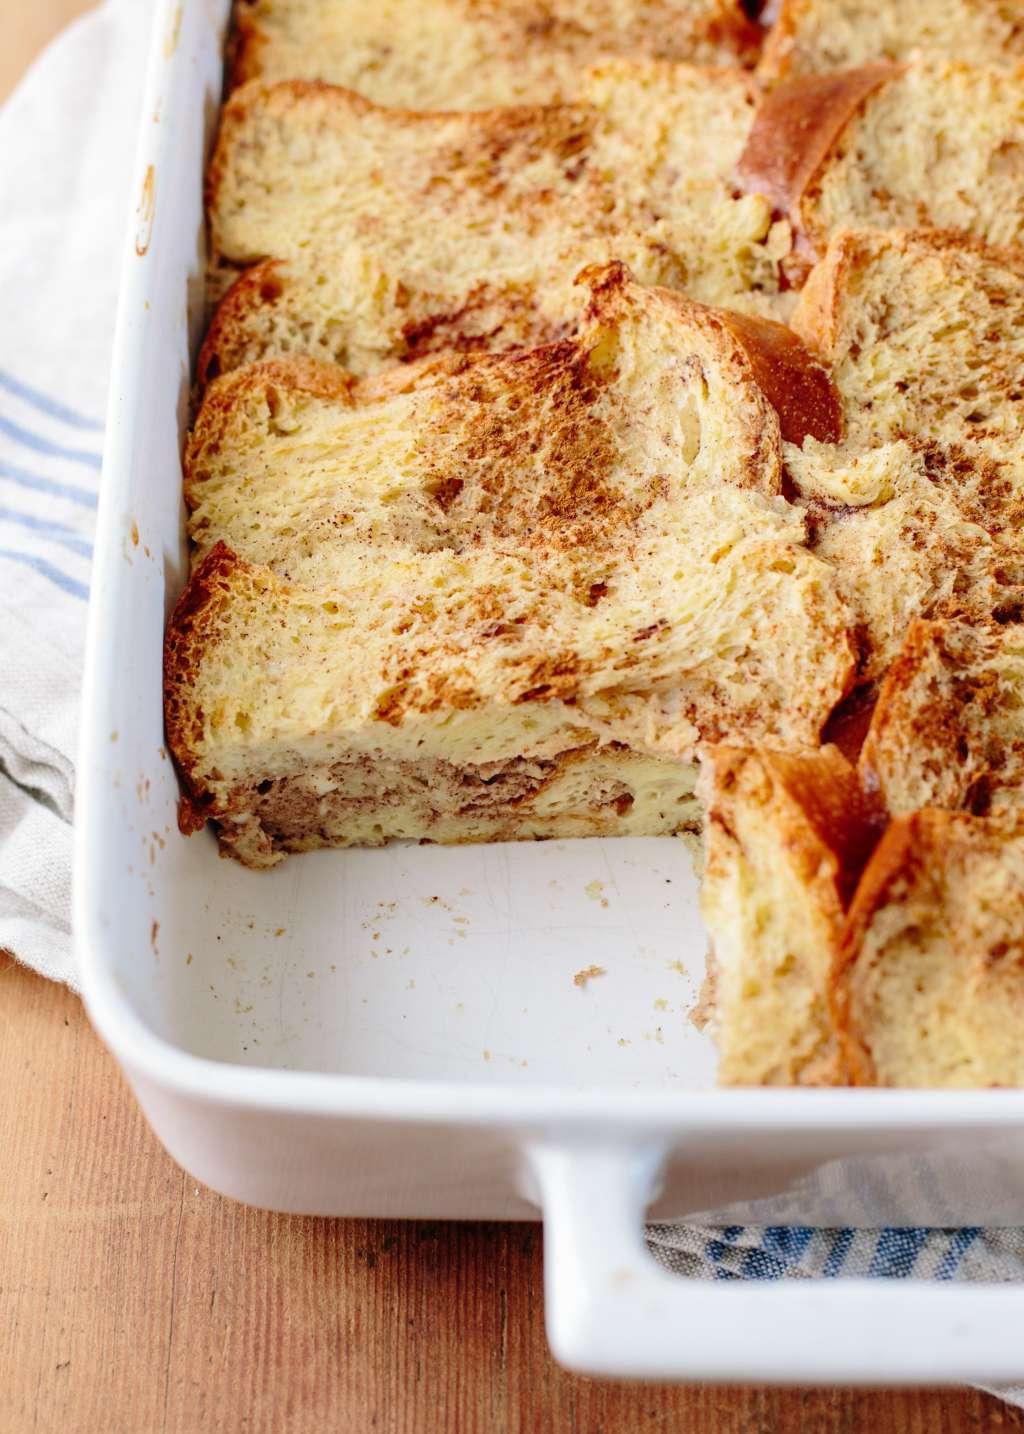 Recipe: Cinnamon Roll Breakfast Bake